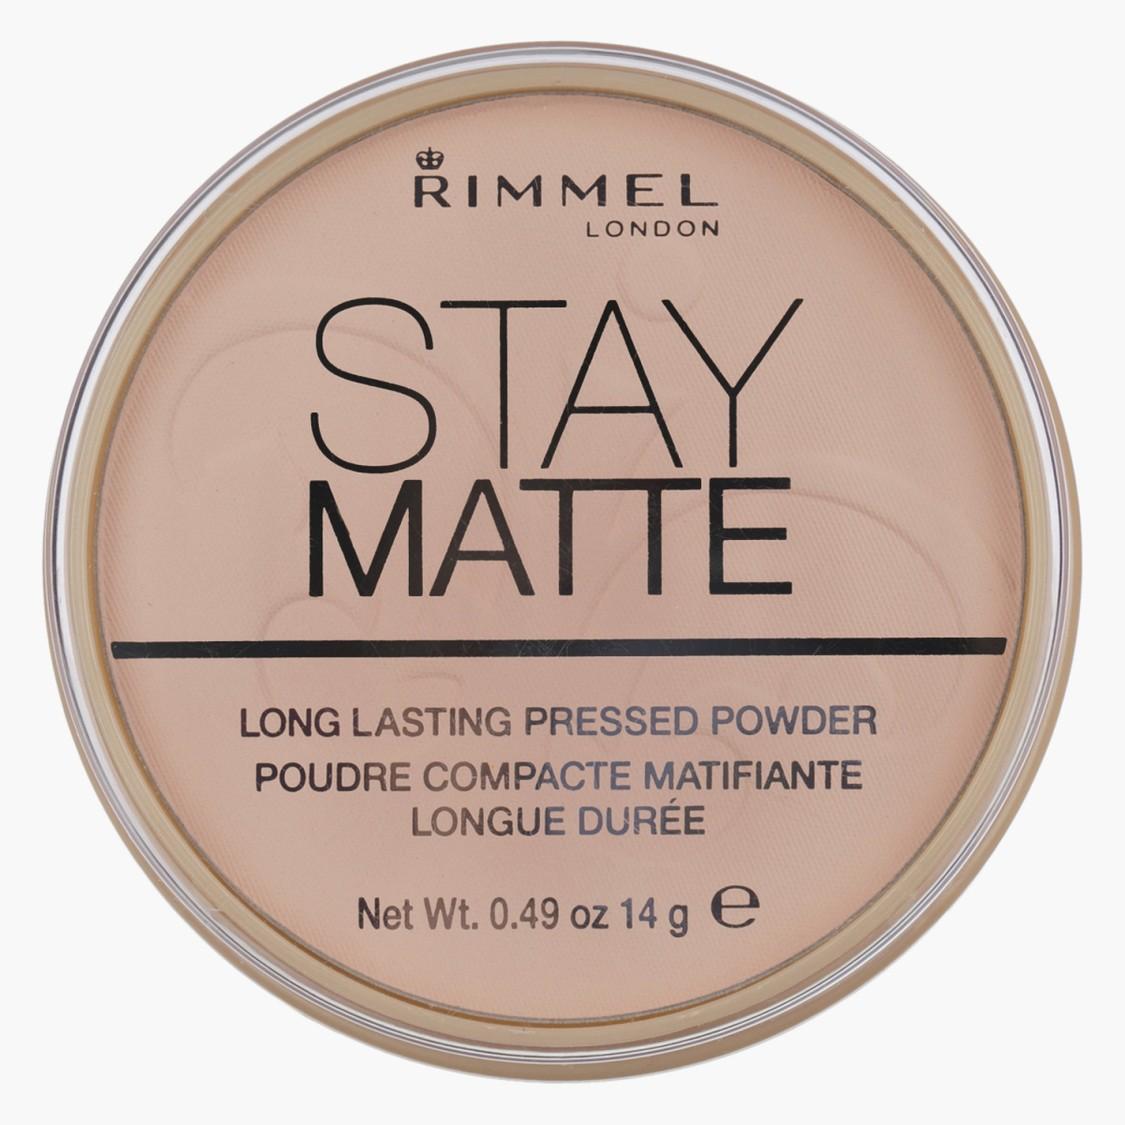 Rimmel Stay Matte Powder